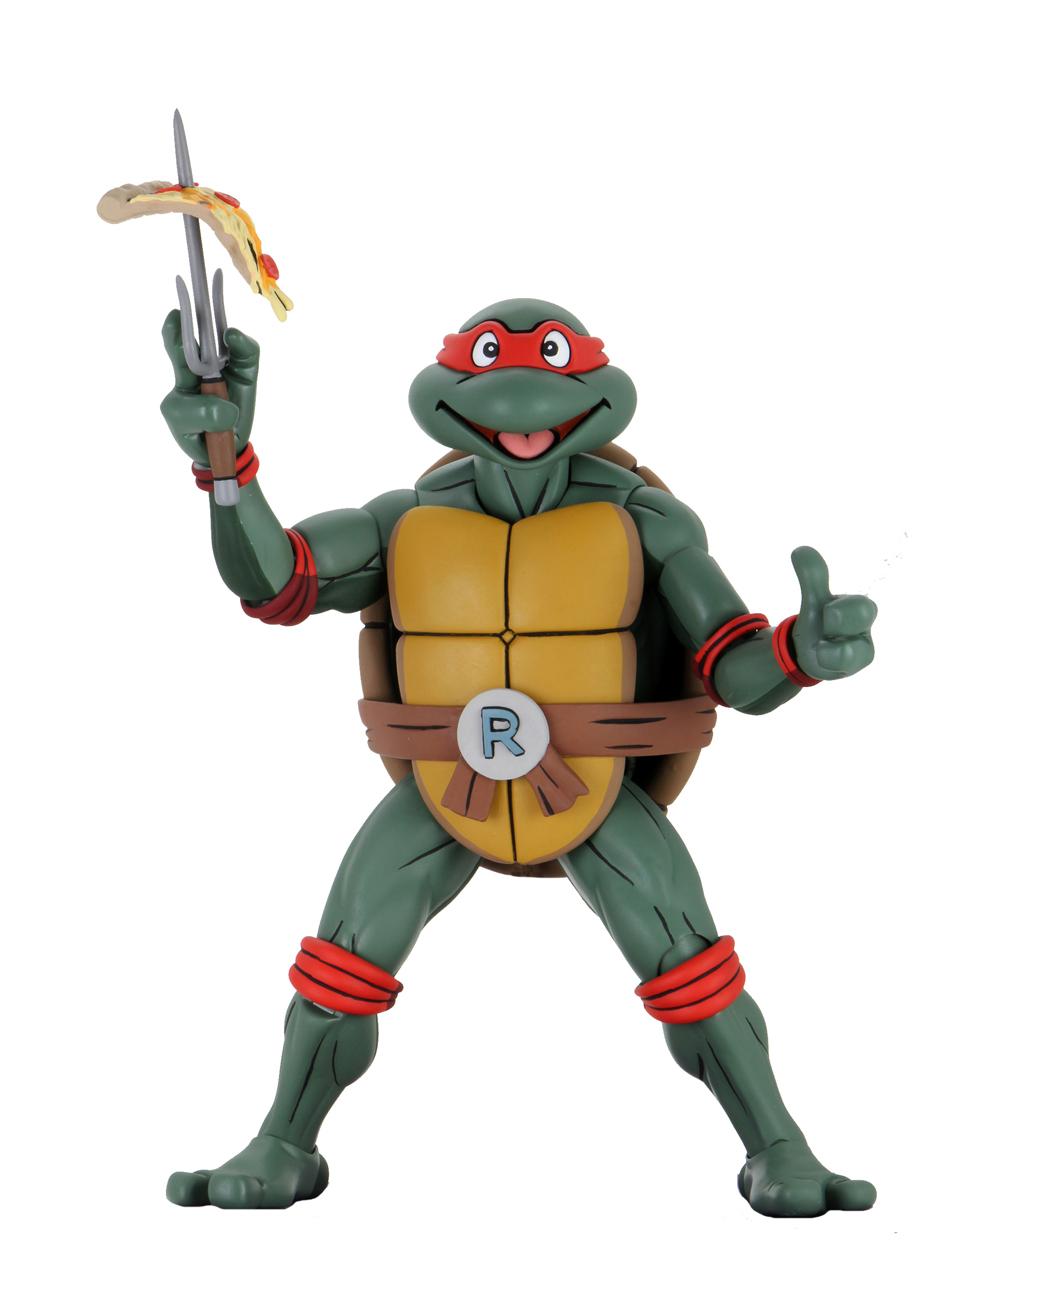 Teenage Mutant Ninja Turtles Cartoon Scale Action Figure